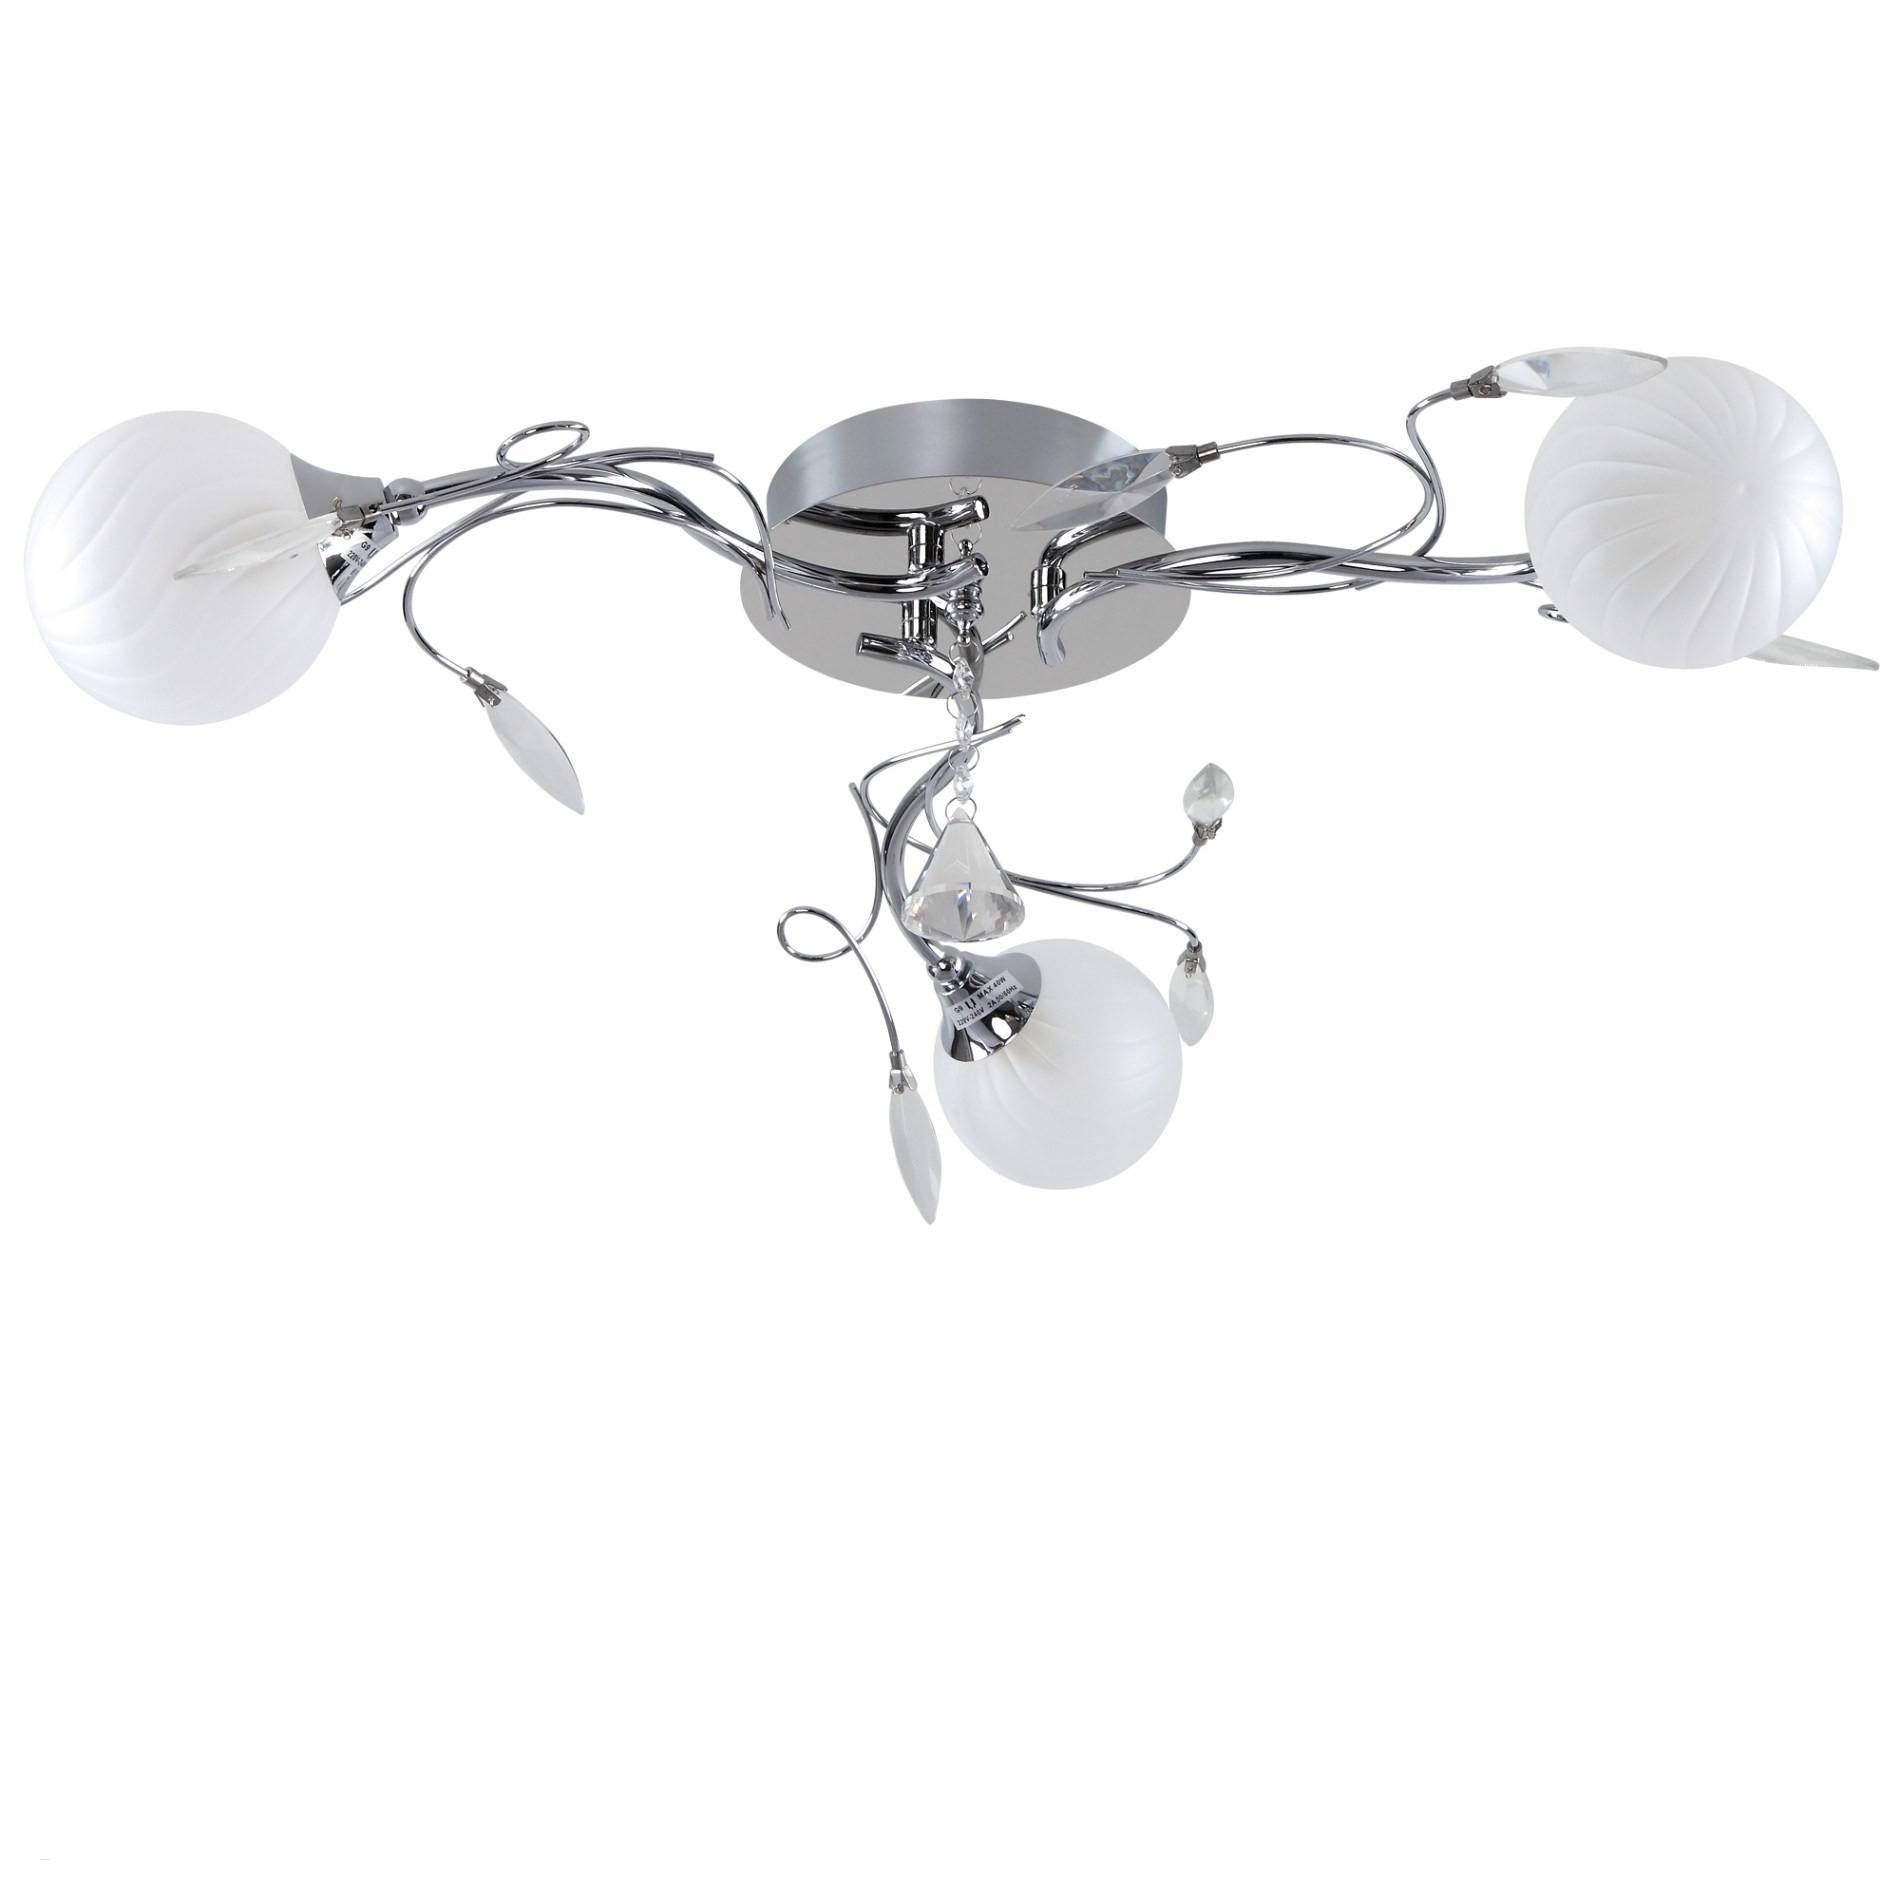 Full Size of Ikea Deckenlampen Lampen Wohnzimmer Reizend Unique Küche Kaufen Kosten Modulküche Modern Betten Bei 160x200 Sofa Mit Schlaffunktion Für Miniküche Wohnzimmer Ikea Deckenlampen